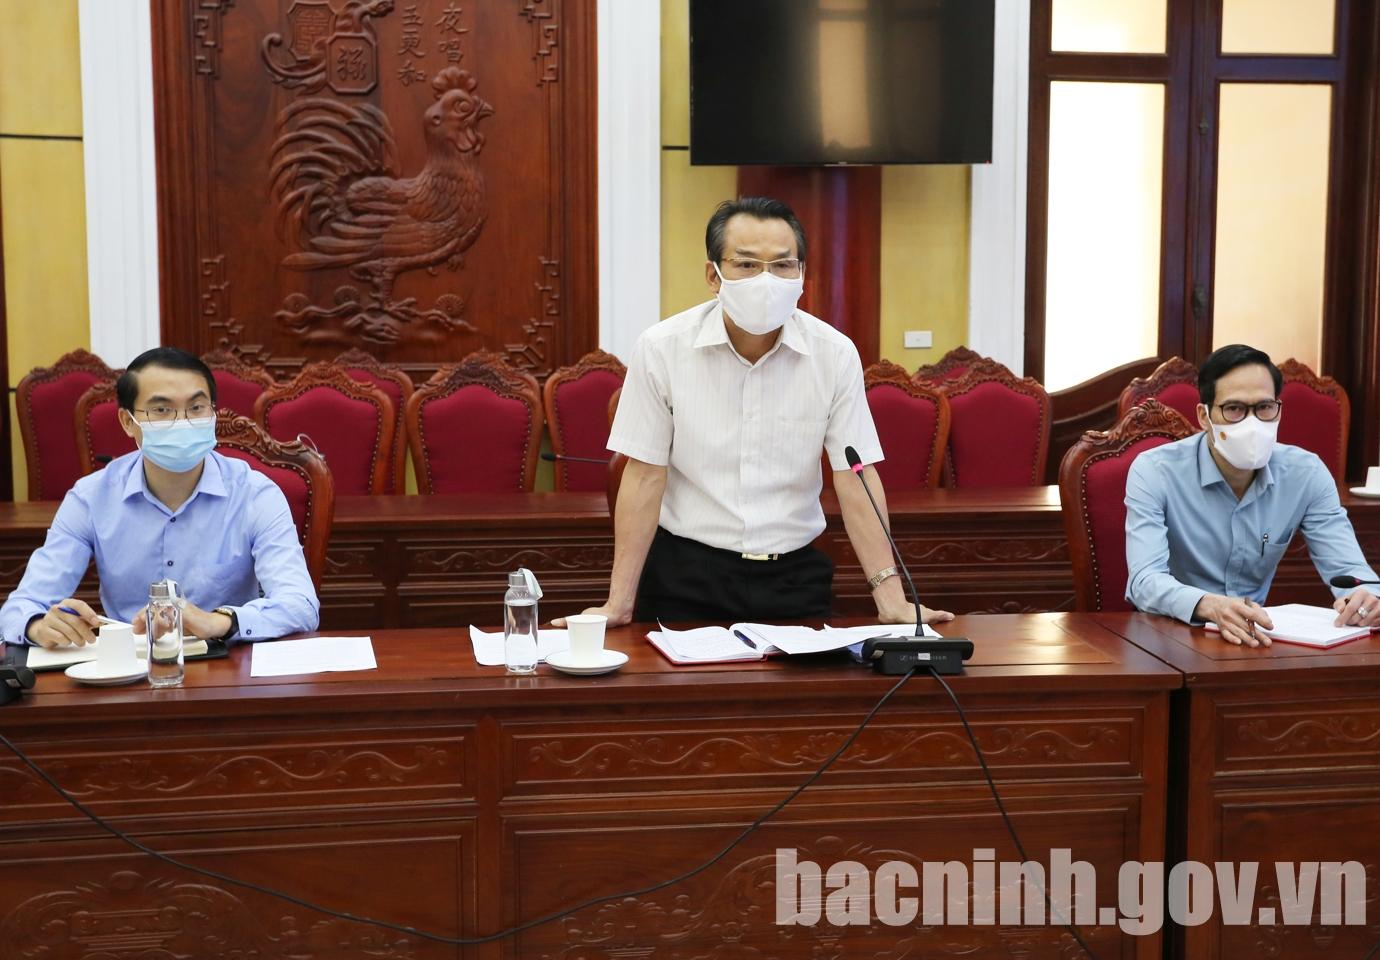 Bắc Ninh: Chuẩn bị khởi công thêm 2 khu công nghiệp VSIP II và Thuận Thành I - Ảnh 3.